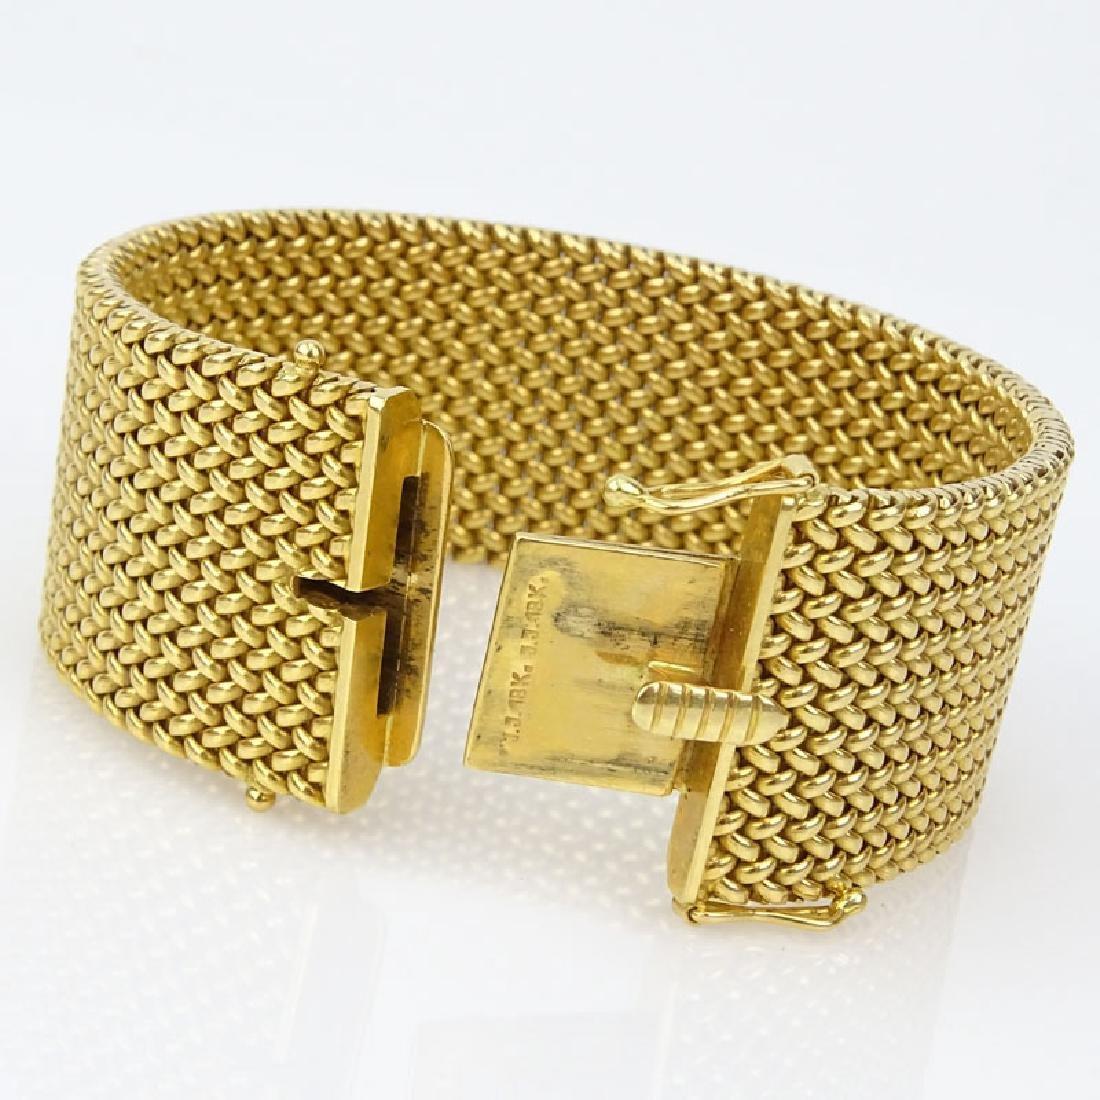 Vintage Heavy 18 Karat Yellow Gold Flexible Link - 4